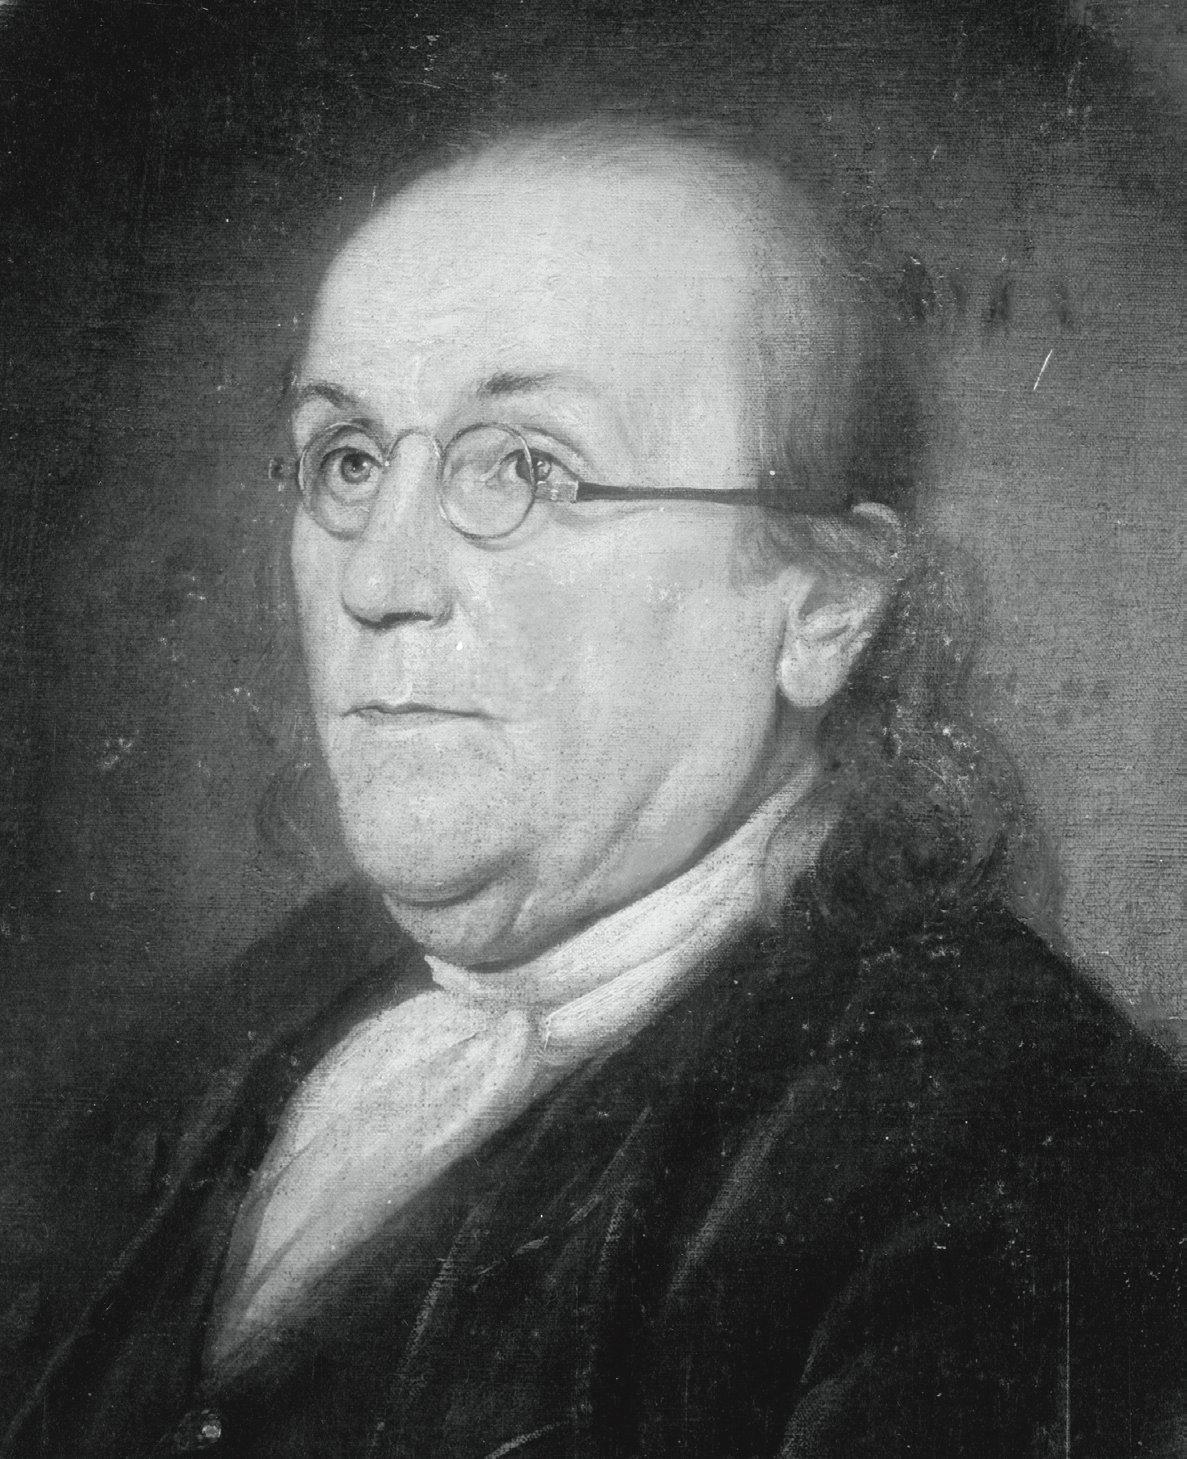 Benjamin franklin date of birth in Australia